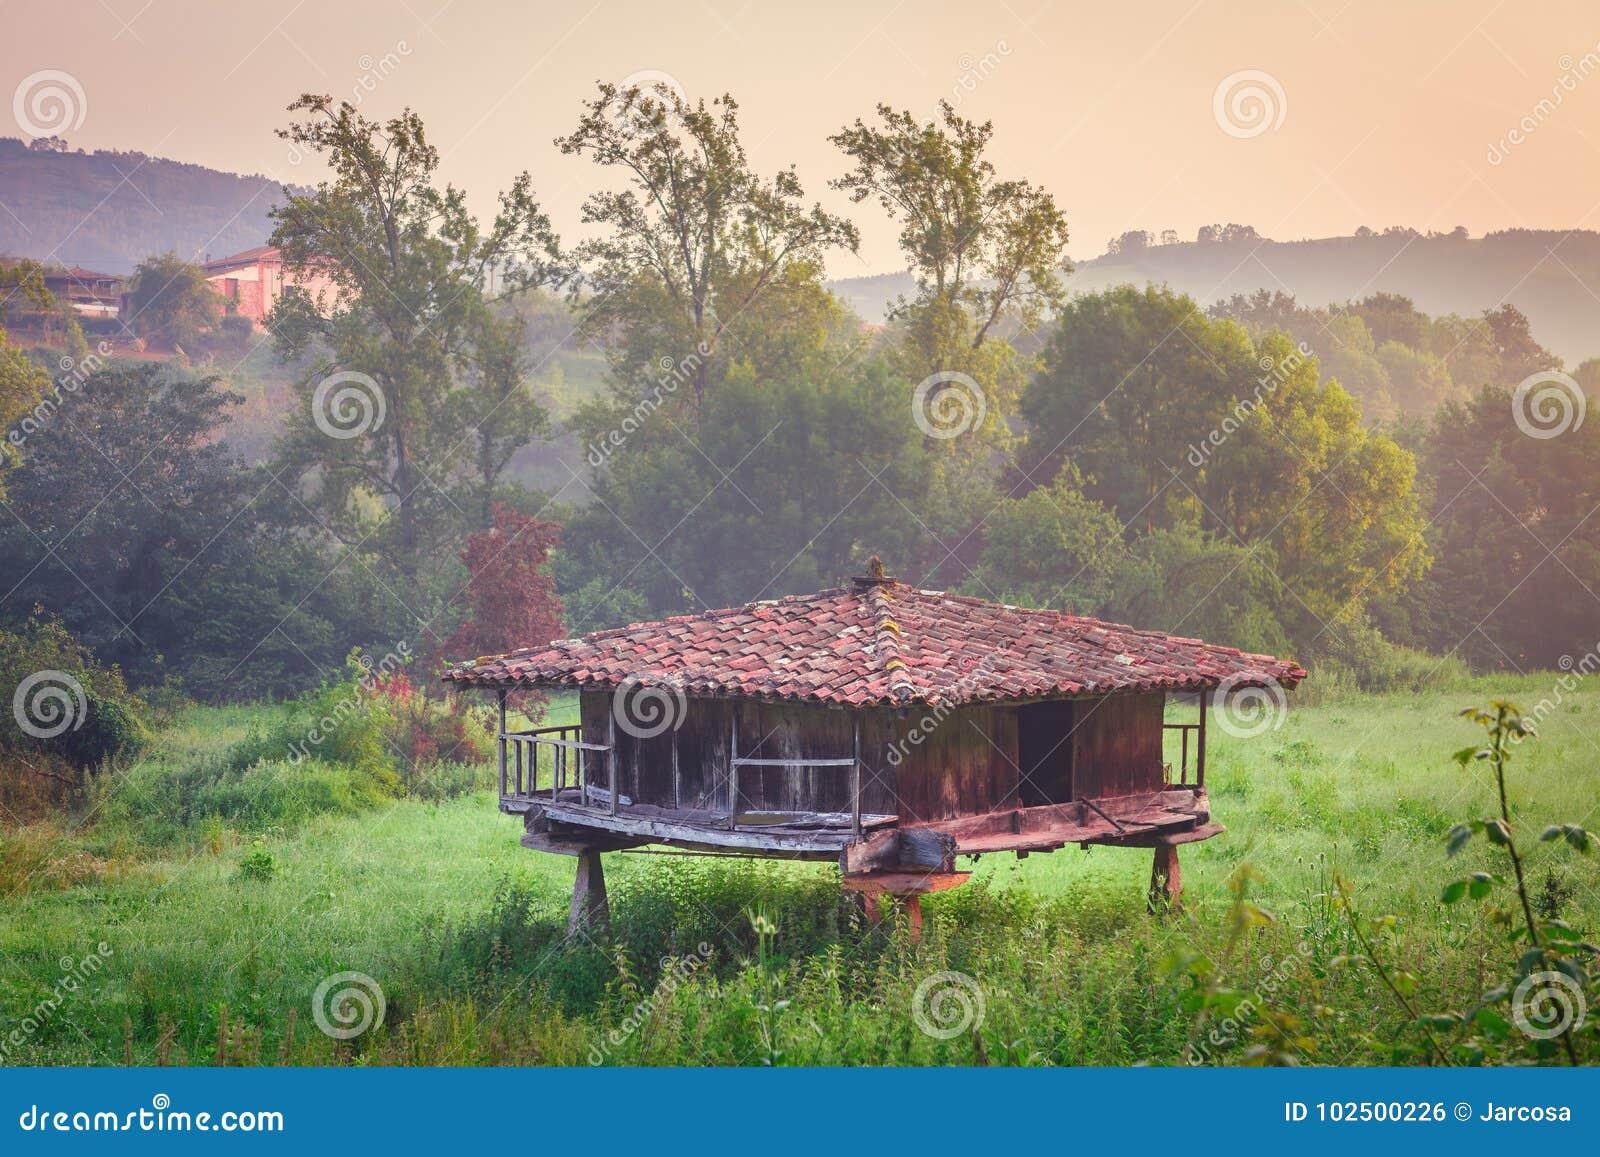 Alter Getreidespeicher, typischer asturischer Getreidespeicher für Lagerung und Trockner von